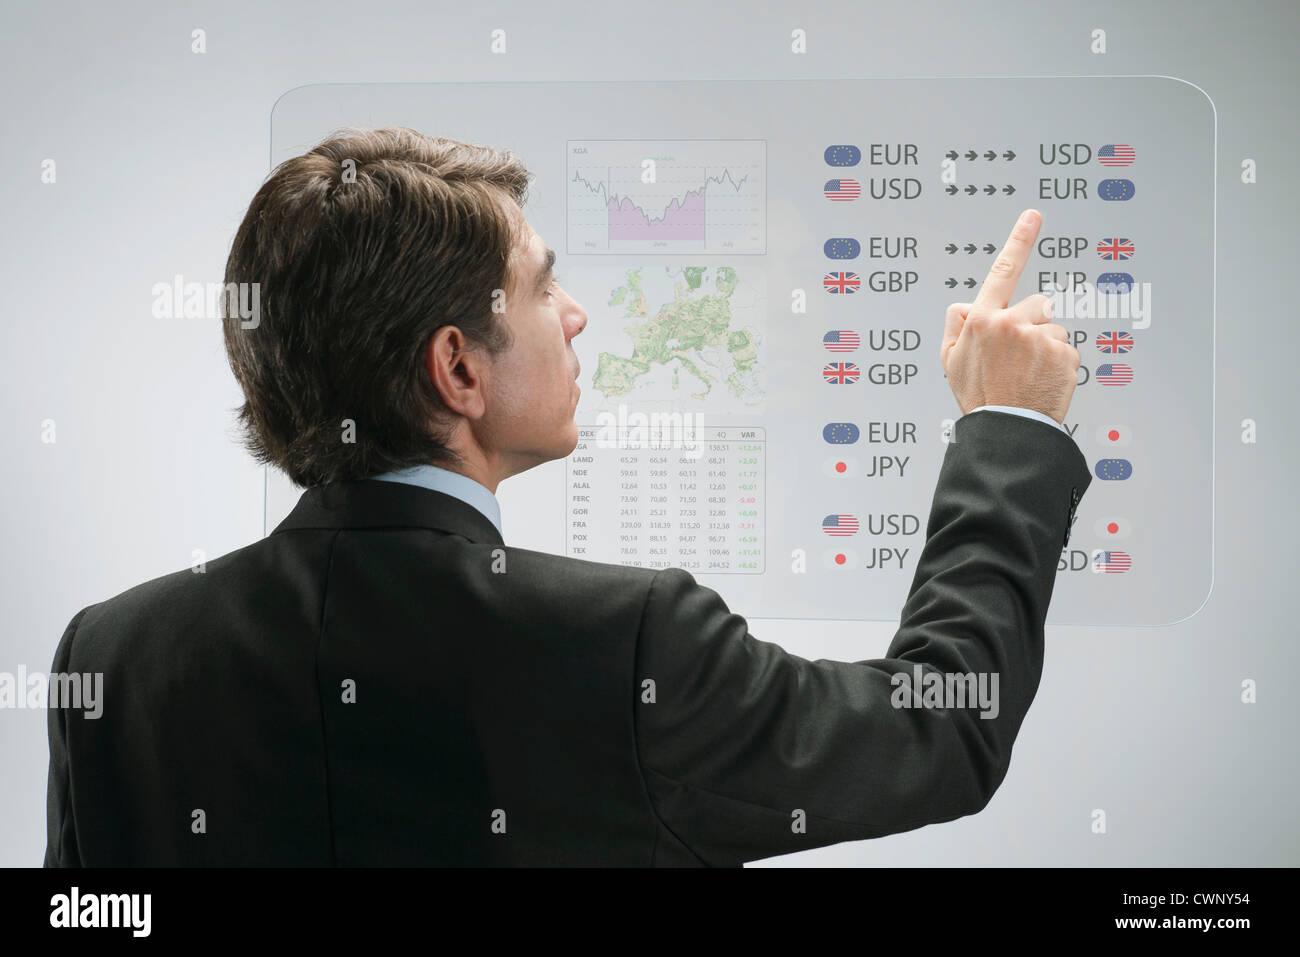 Portrait de la technologie d'écran tactile avancé pour afficher les données de l'entreprise Photo Stock